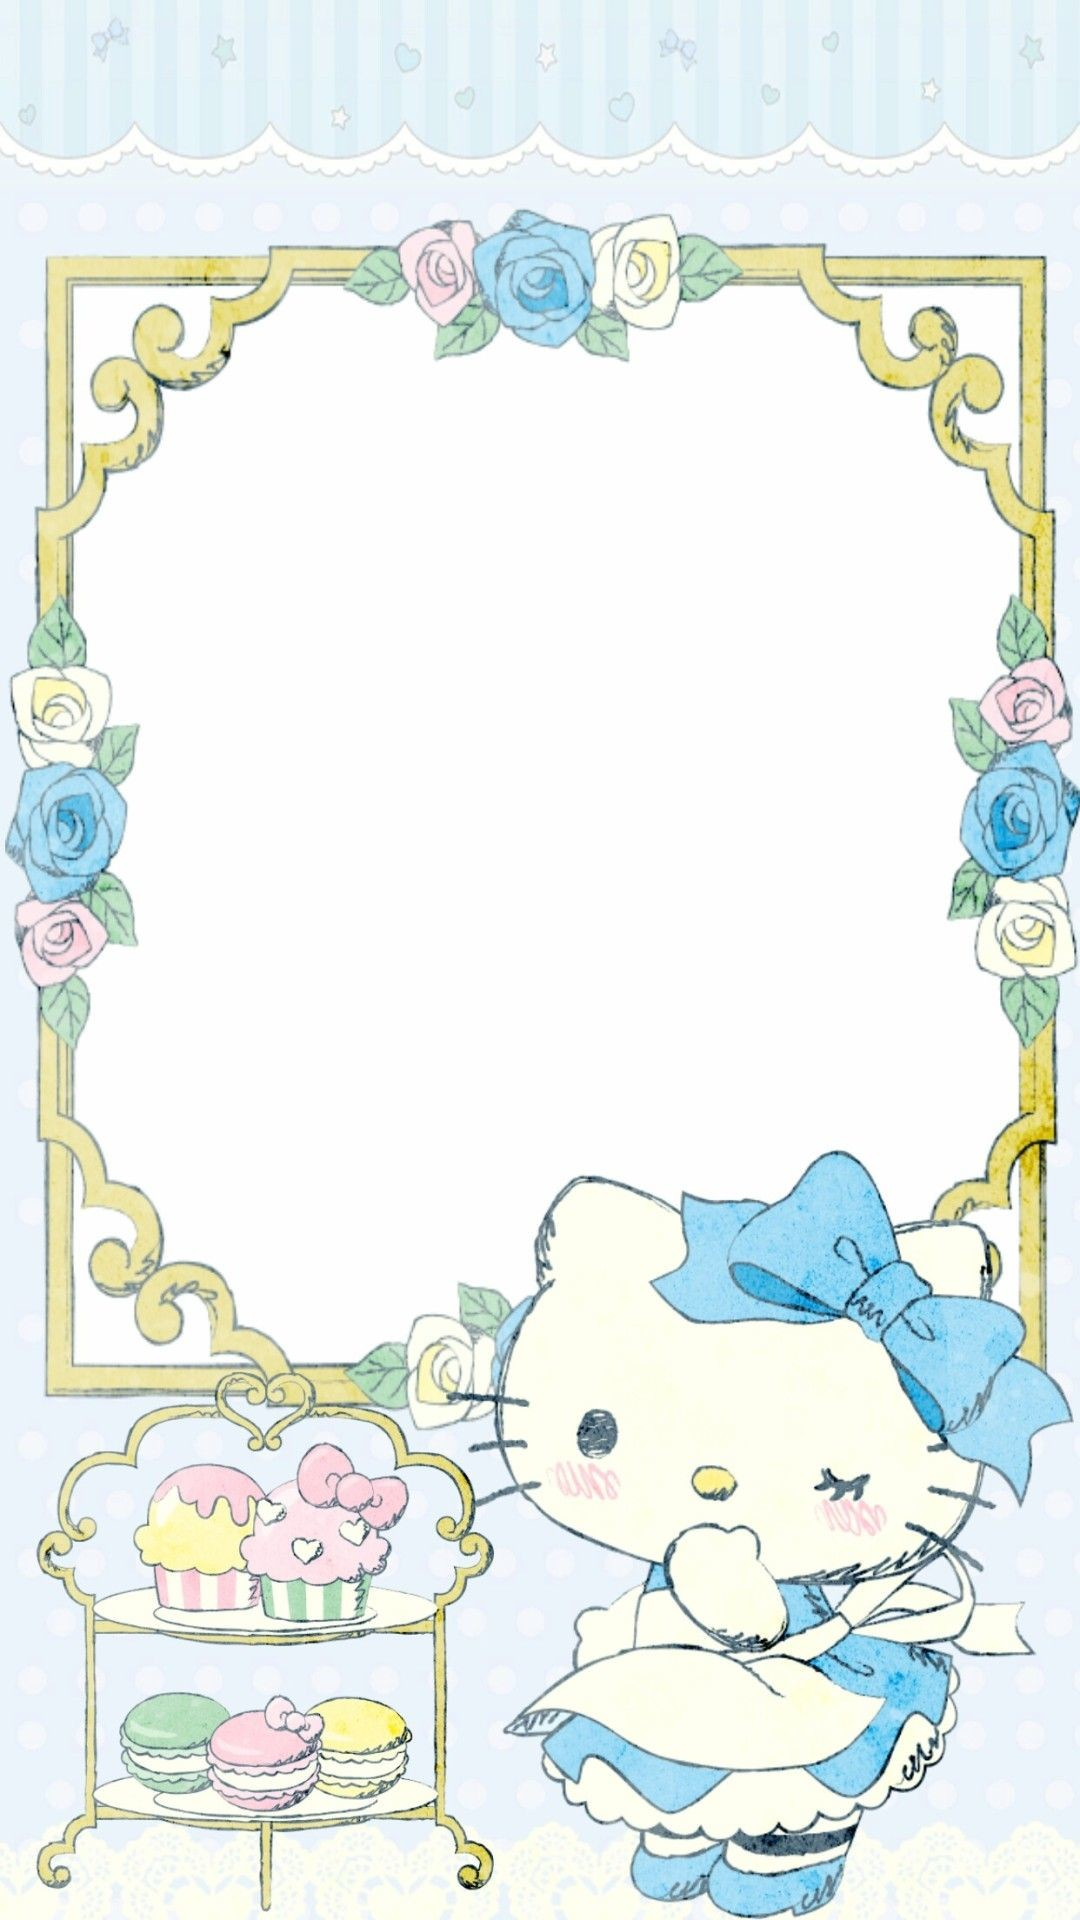 Res: 1080x1920, Hello kitty in wonderland Sanrio Wallpaper, Kawaii Wallpaper, Hello Kitty  Wallpaper, Hello Kitty